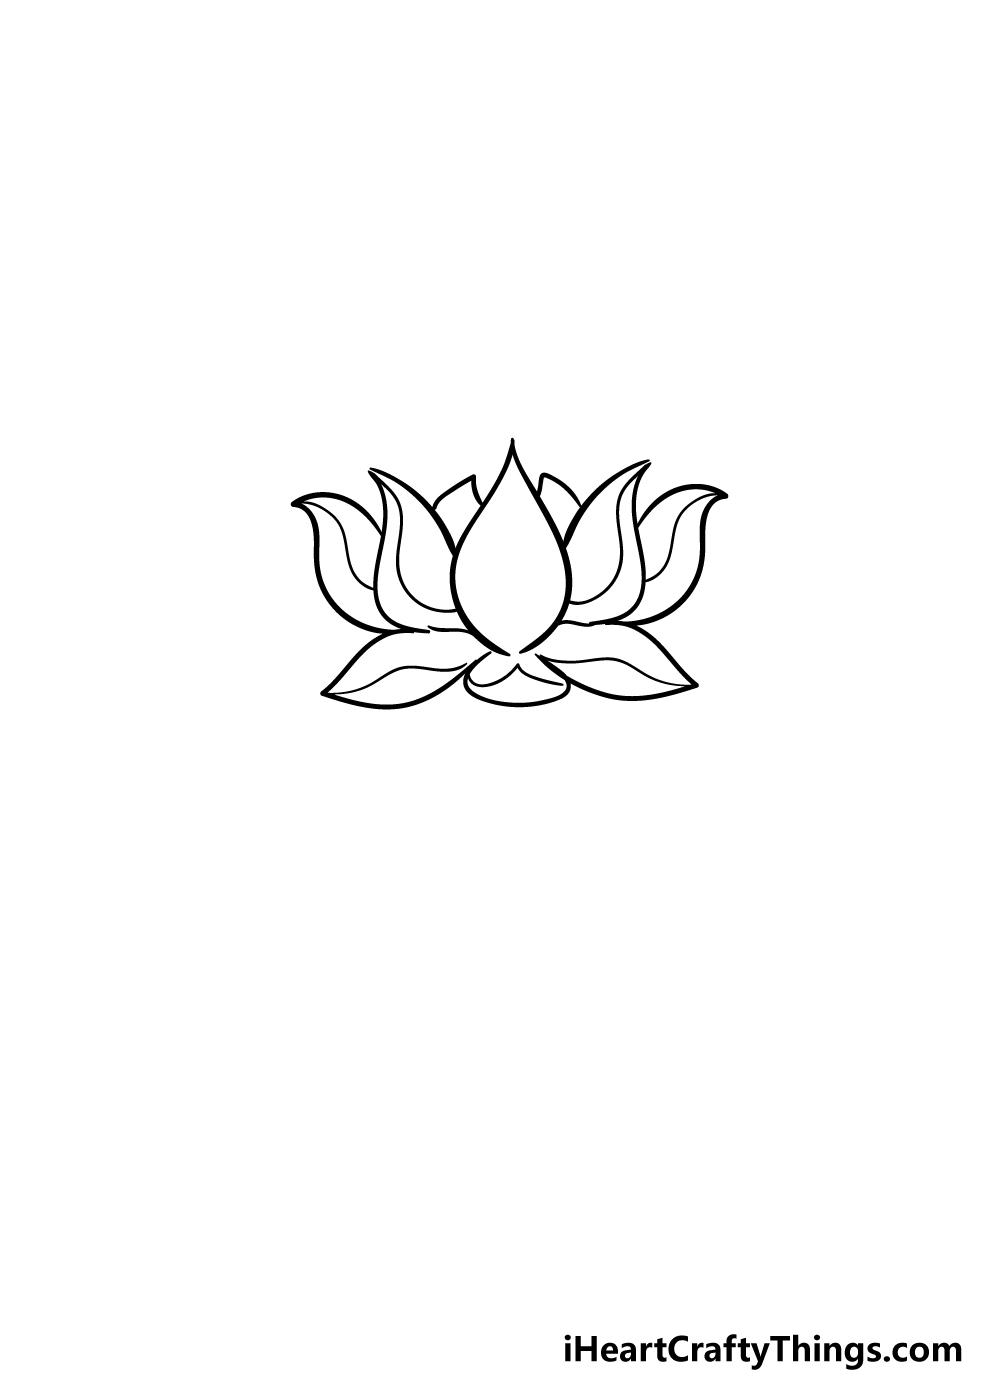 lotus flower drawing step 5